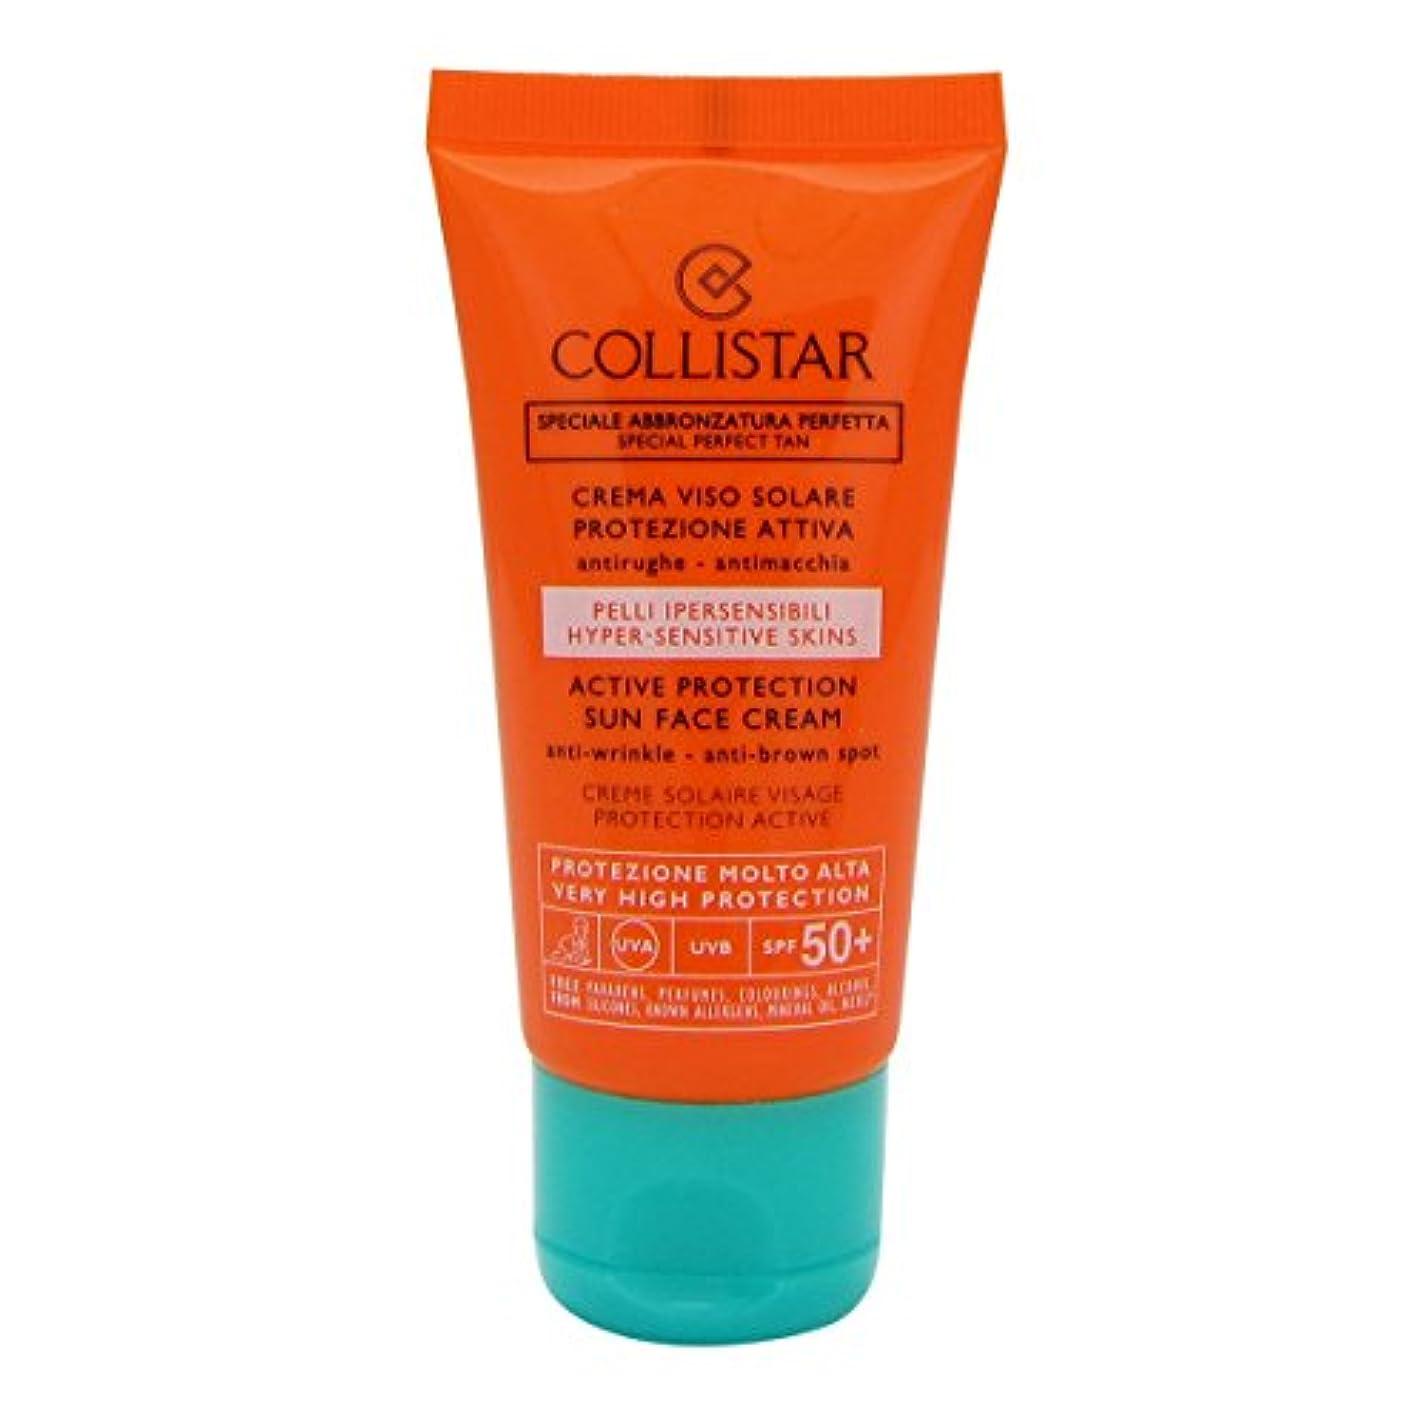 Collistar Special Perfect Tan Active Protection Sun Face Cream Spf50+ 50ml [並行輸入品]